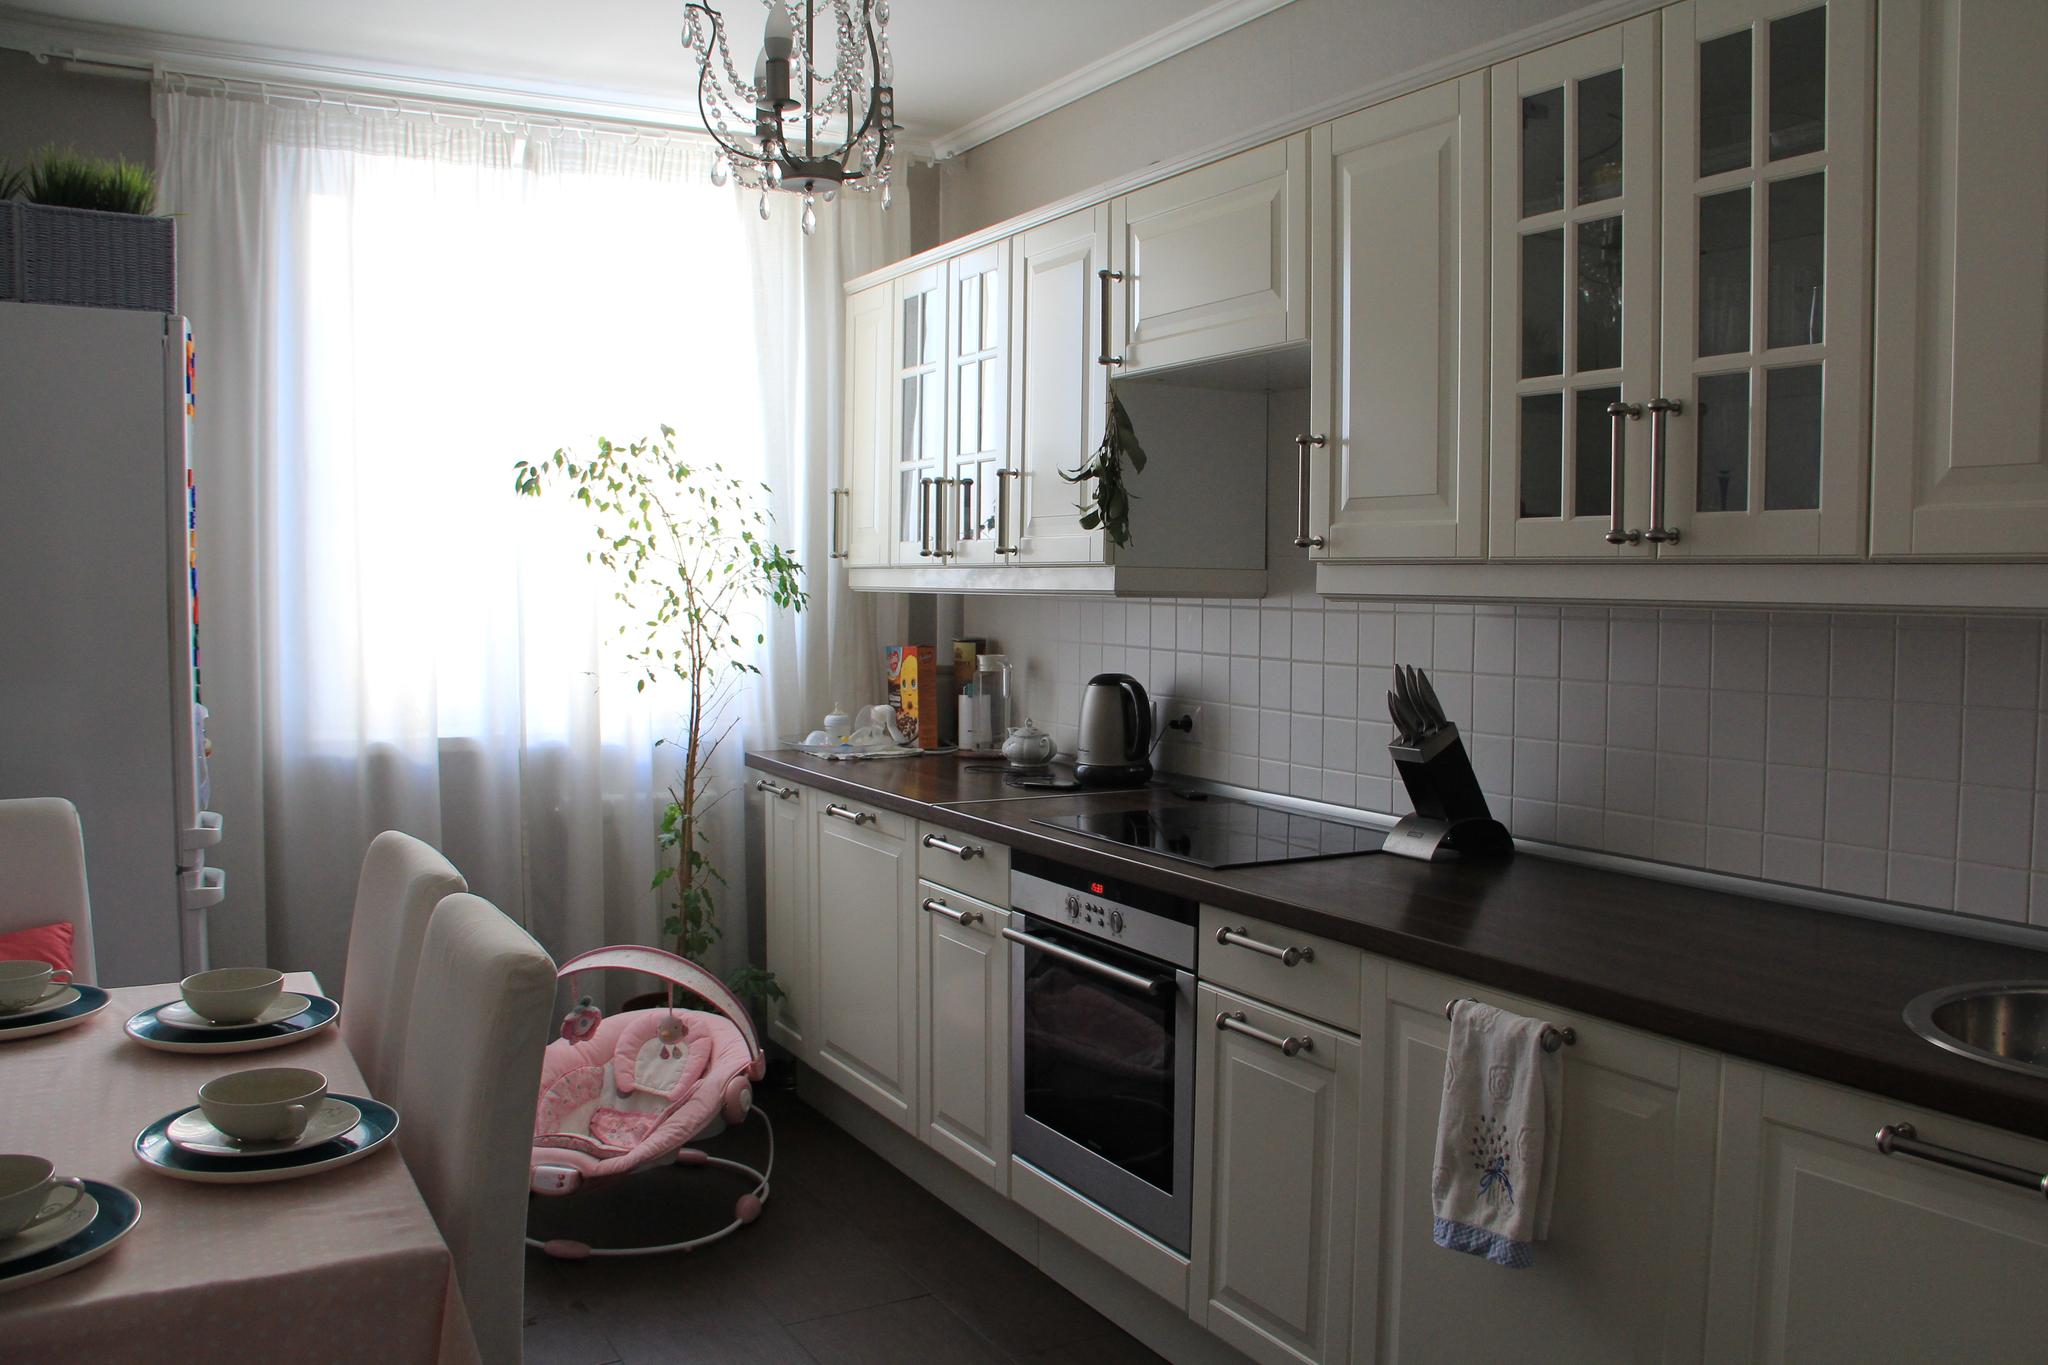 кухни икеа в реальных квартирах фото слой грибы